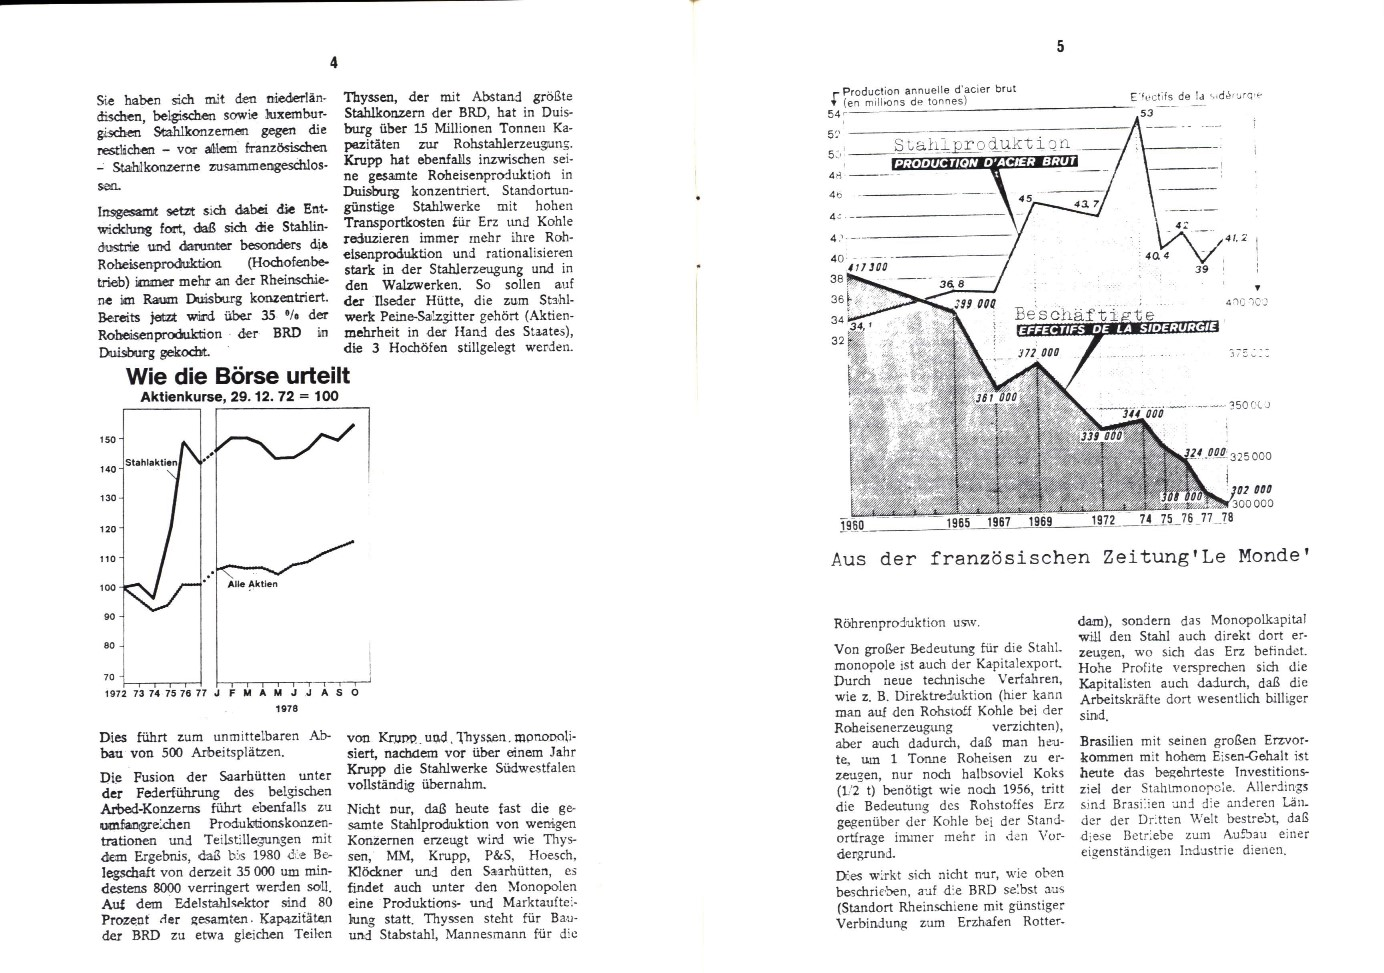 KPDAO_1979_Streik_in_der_Stahlindustrie_04